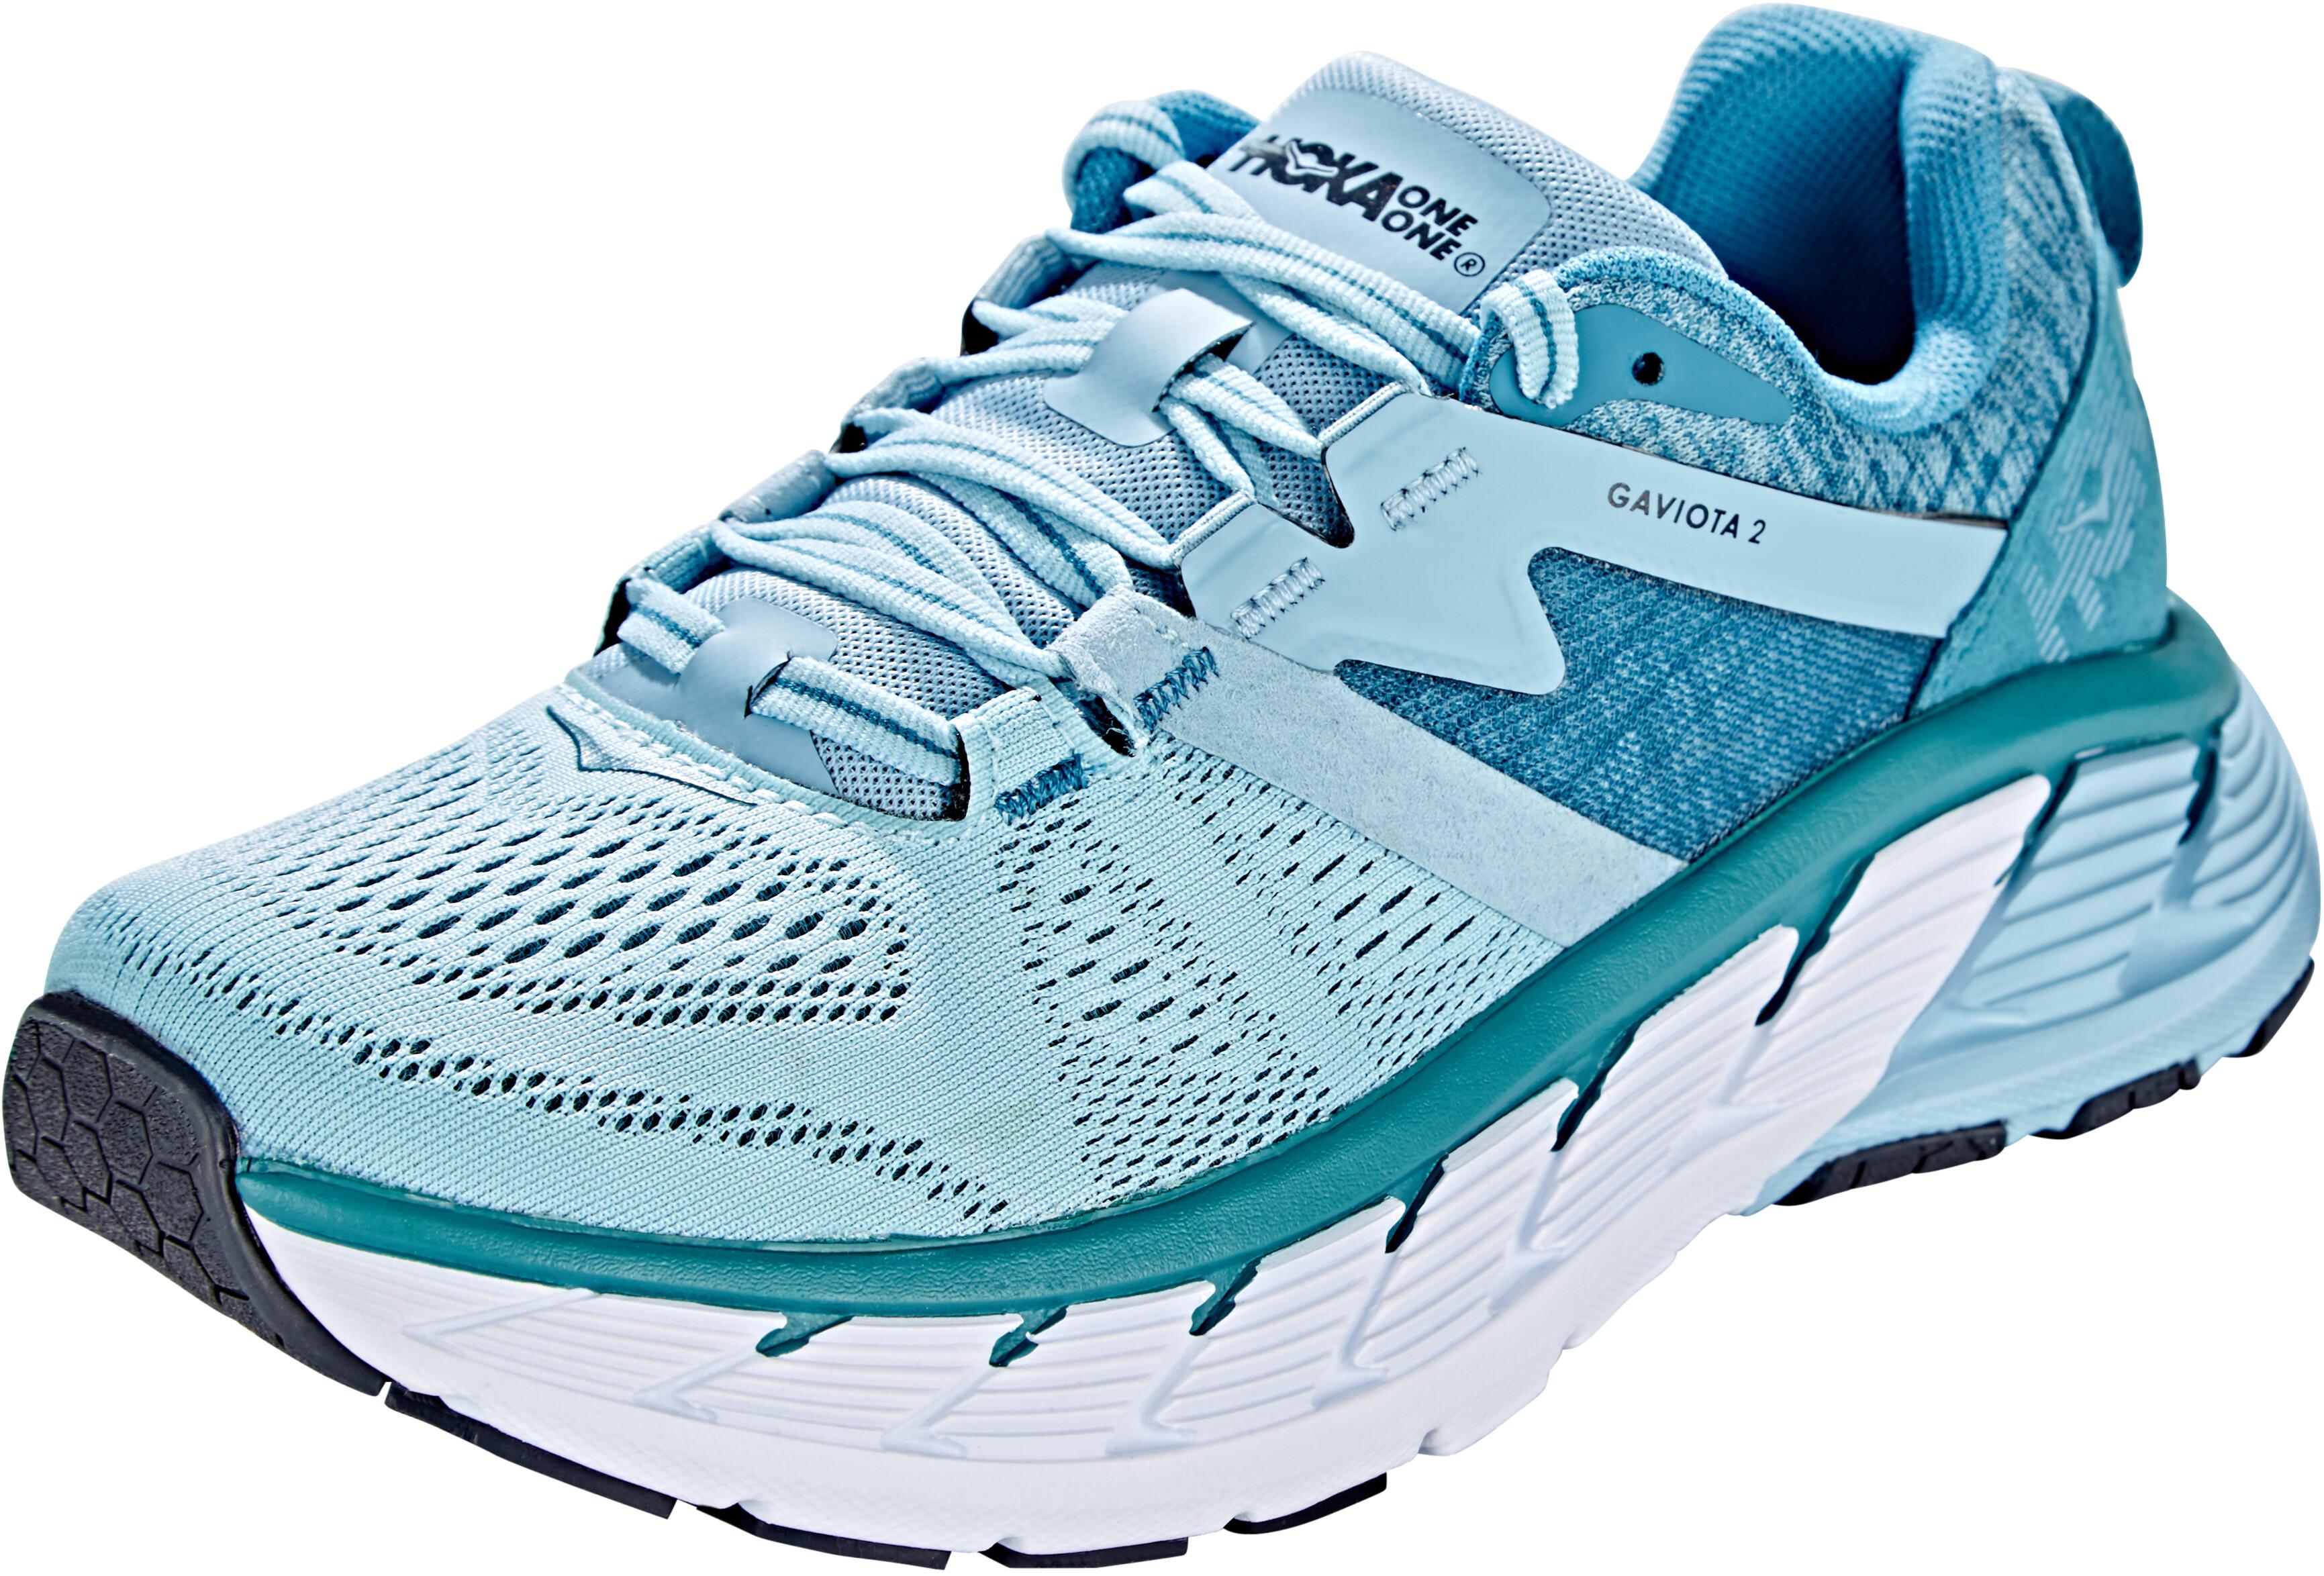 Hoka One One Gaviota 2 Running Shoes Women blue at Bikester.co.uk 4106f039c1